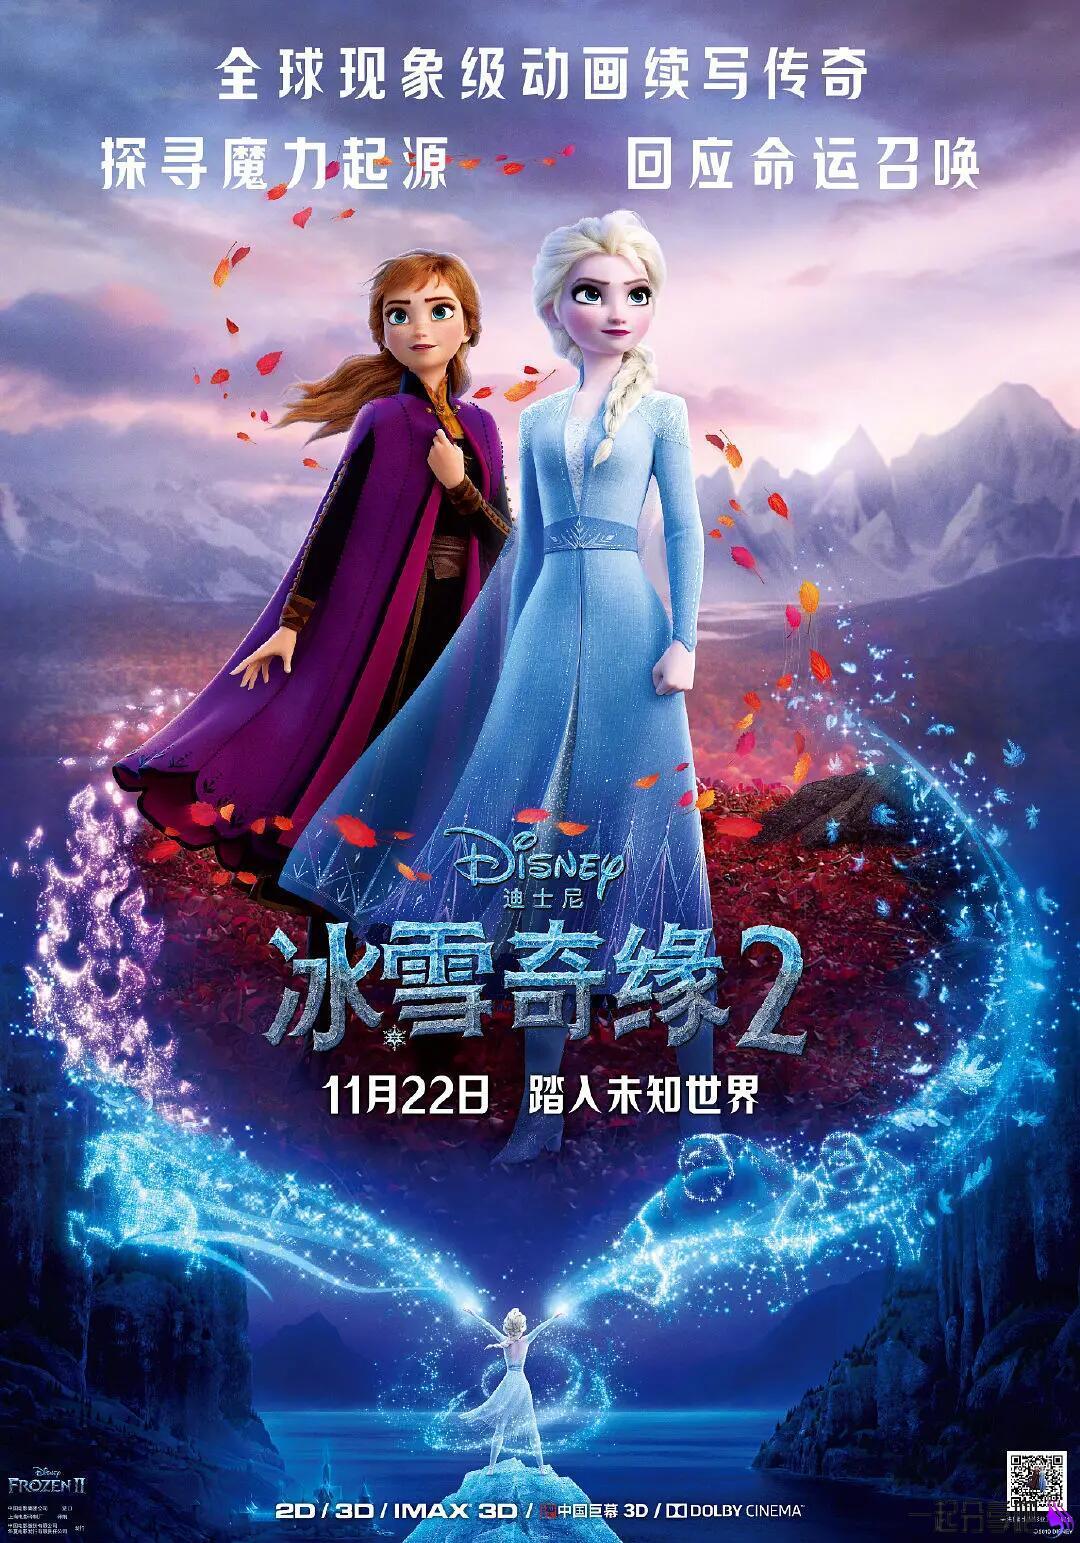 《冰雪奇缘2》HD1080p英文中字完整版 第1张